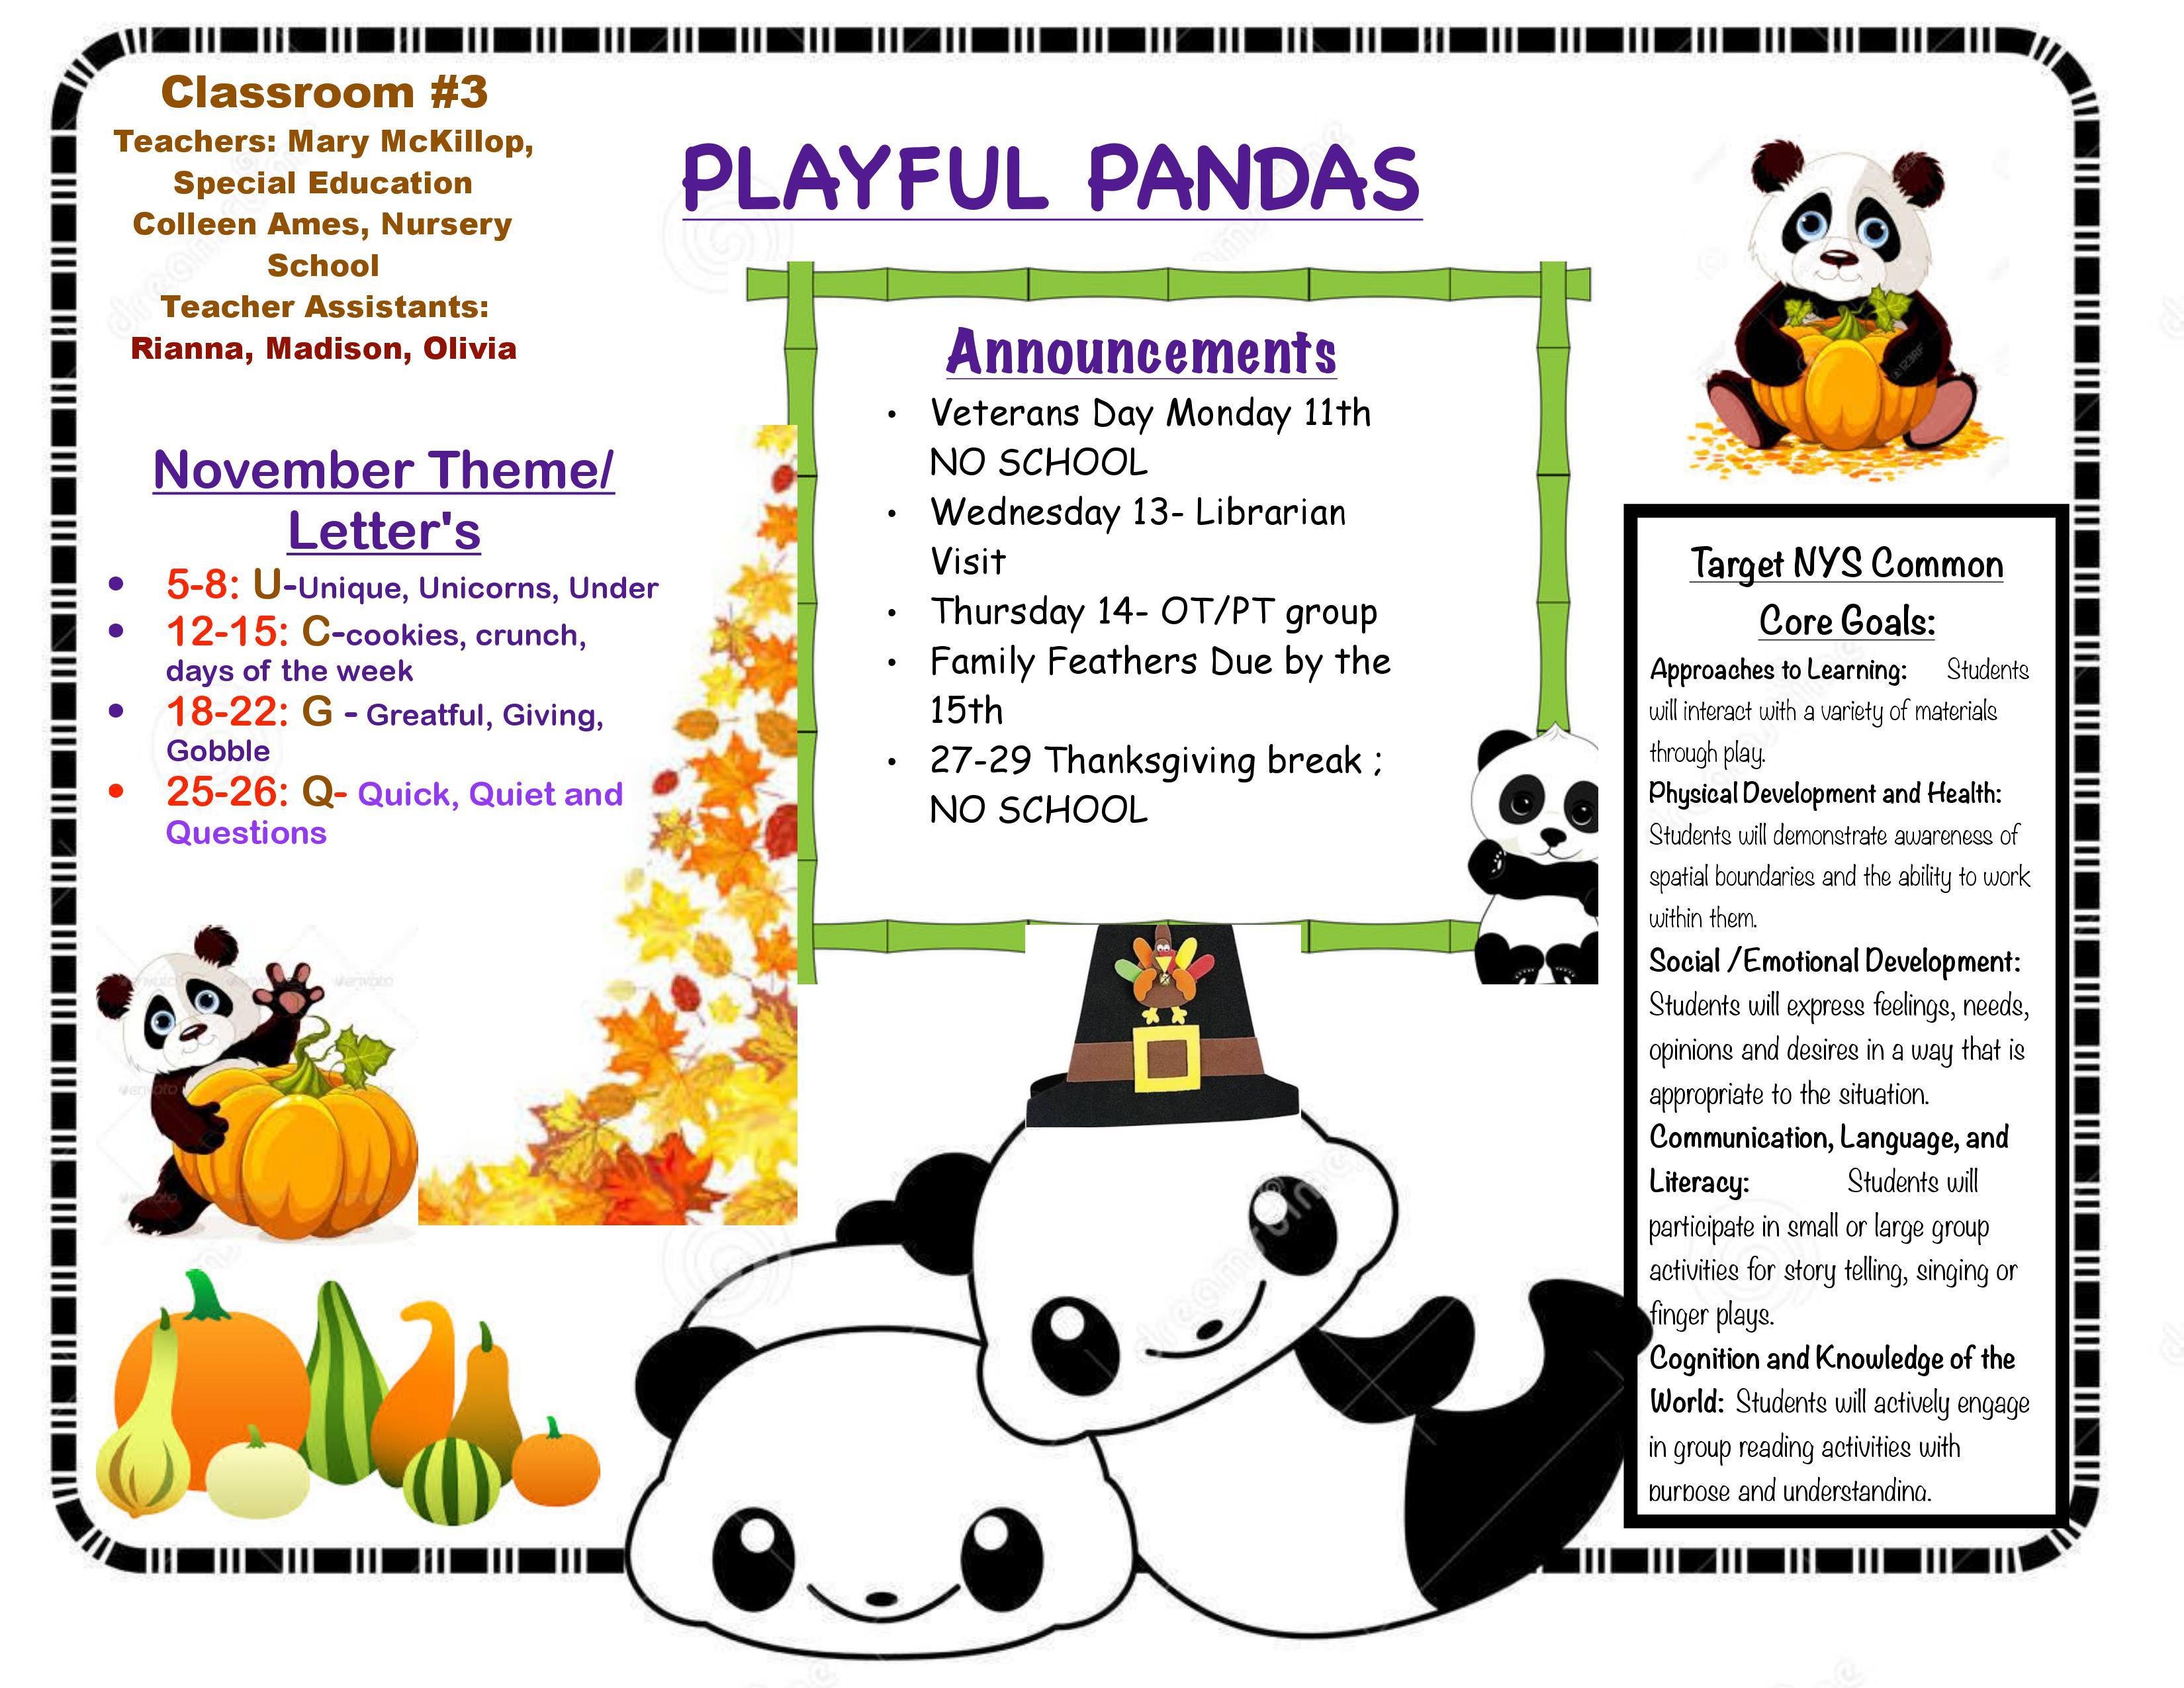 PLAYFUL PANDAS November calendar